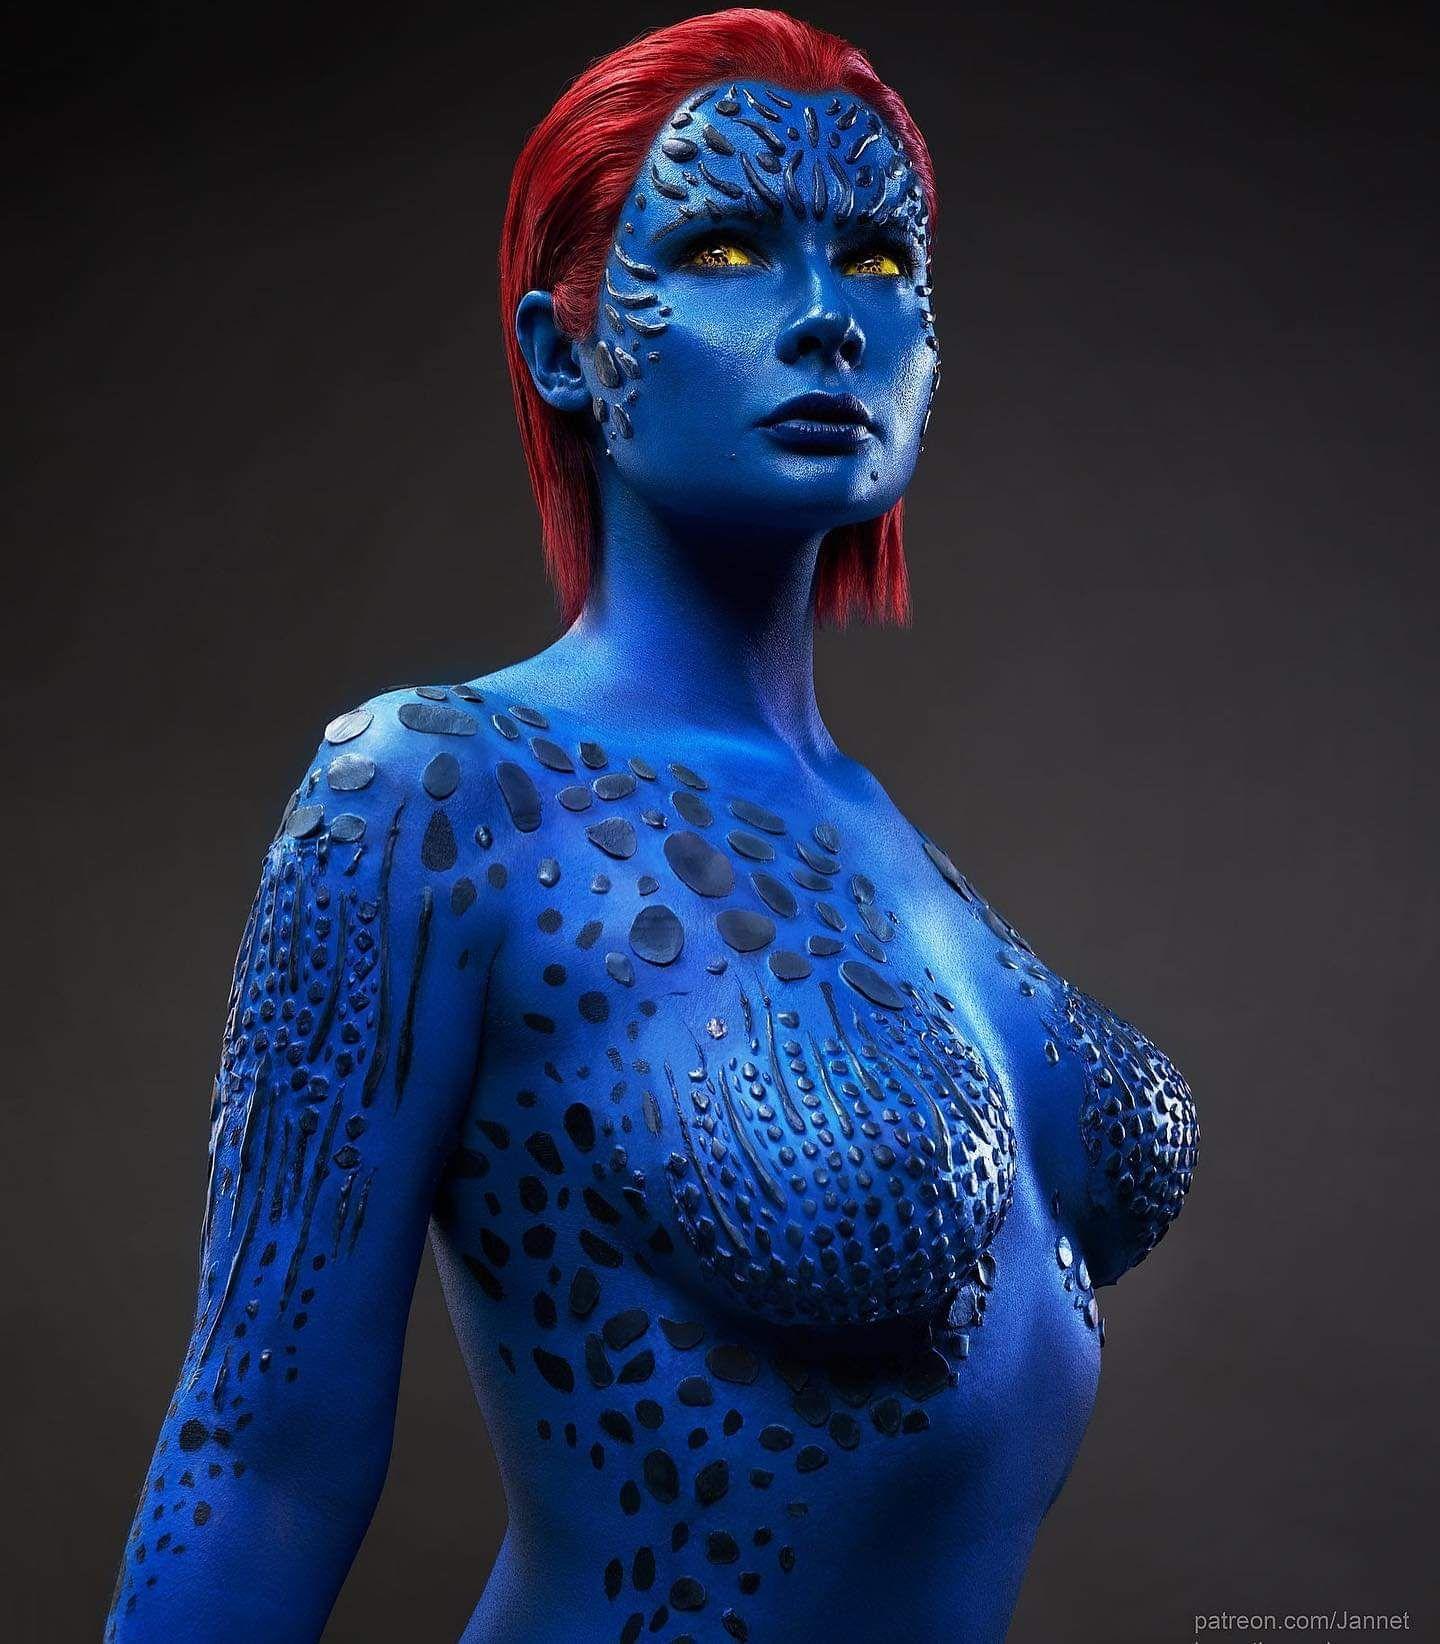 Mystique Cosplay - Jannet Incosplay- X-Men (Marvel Comics